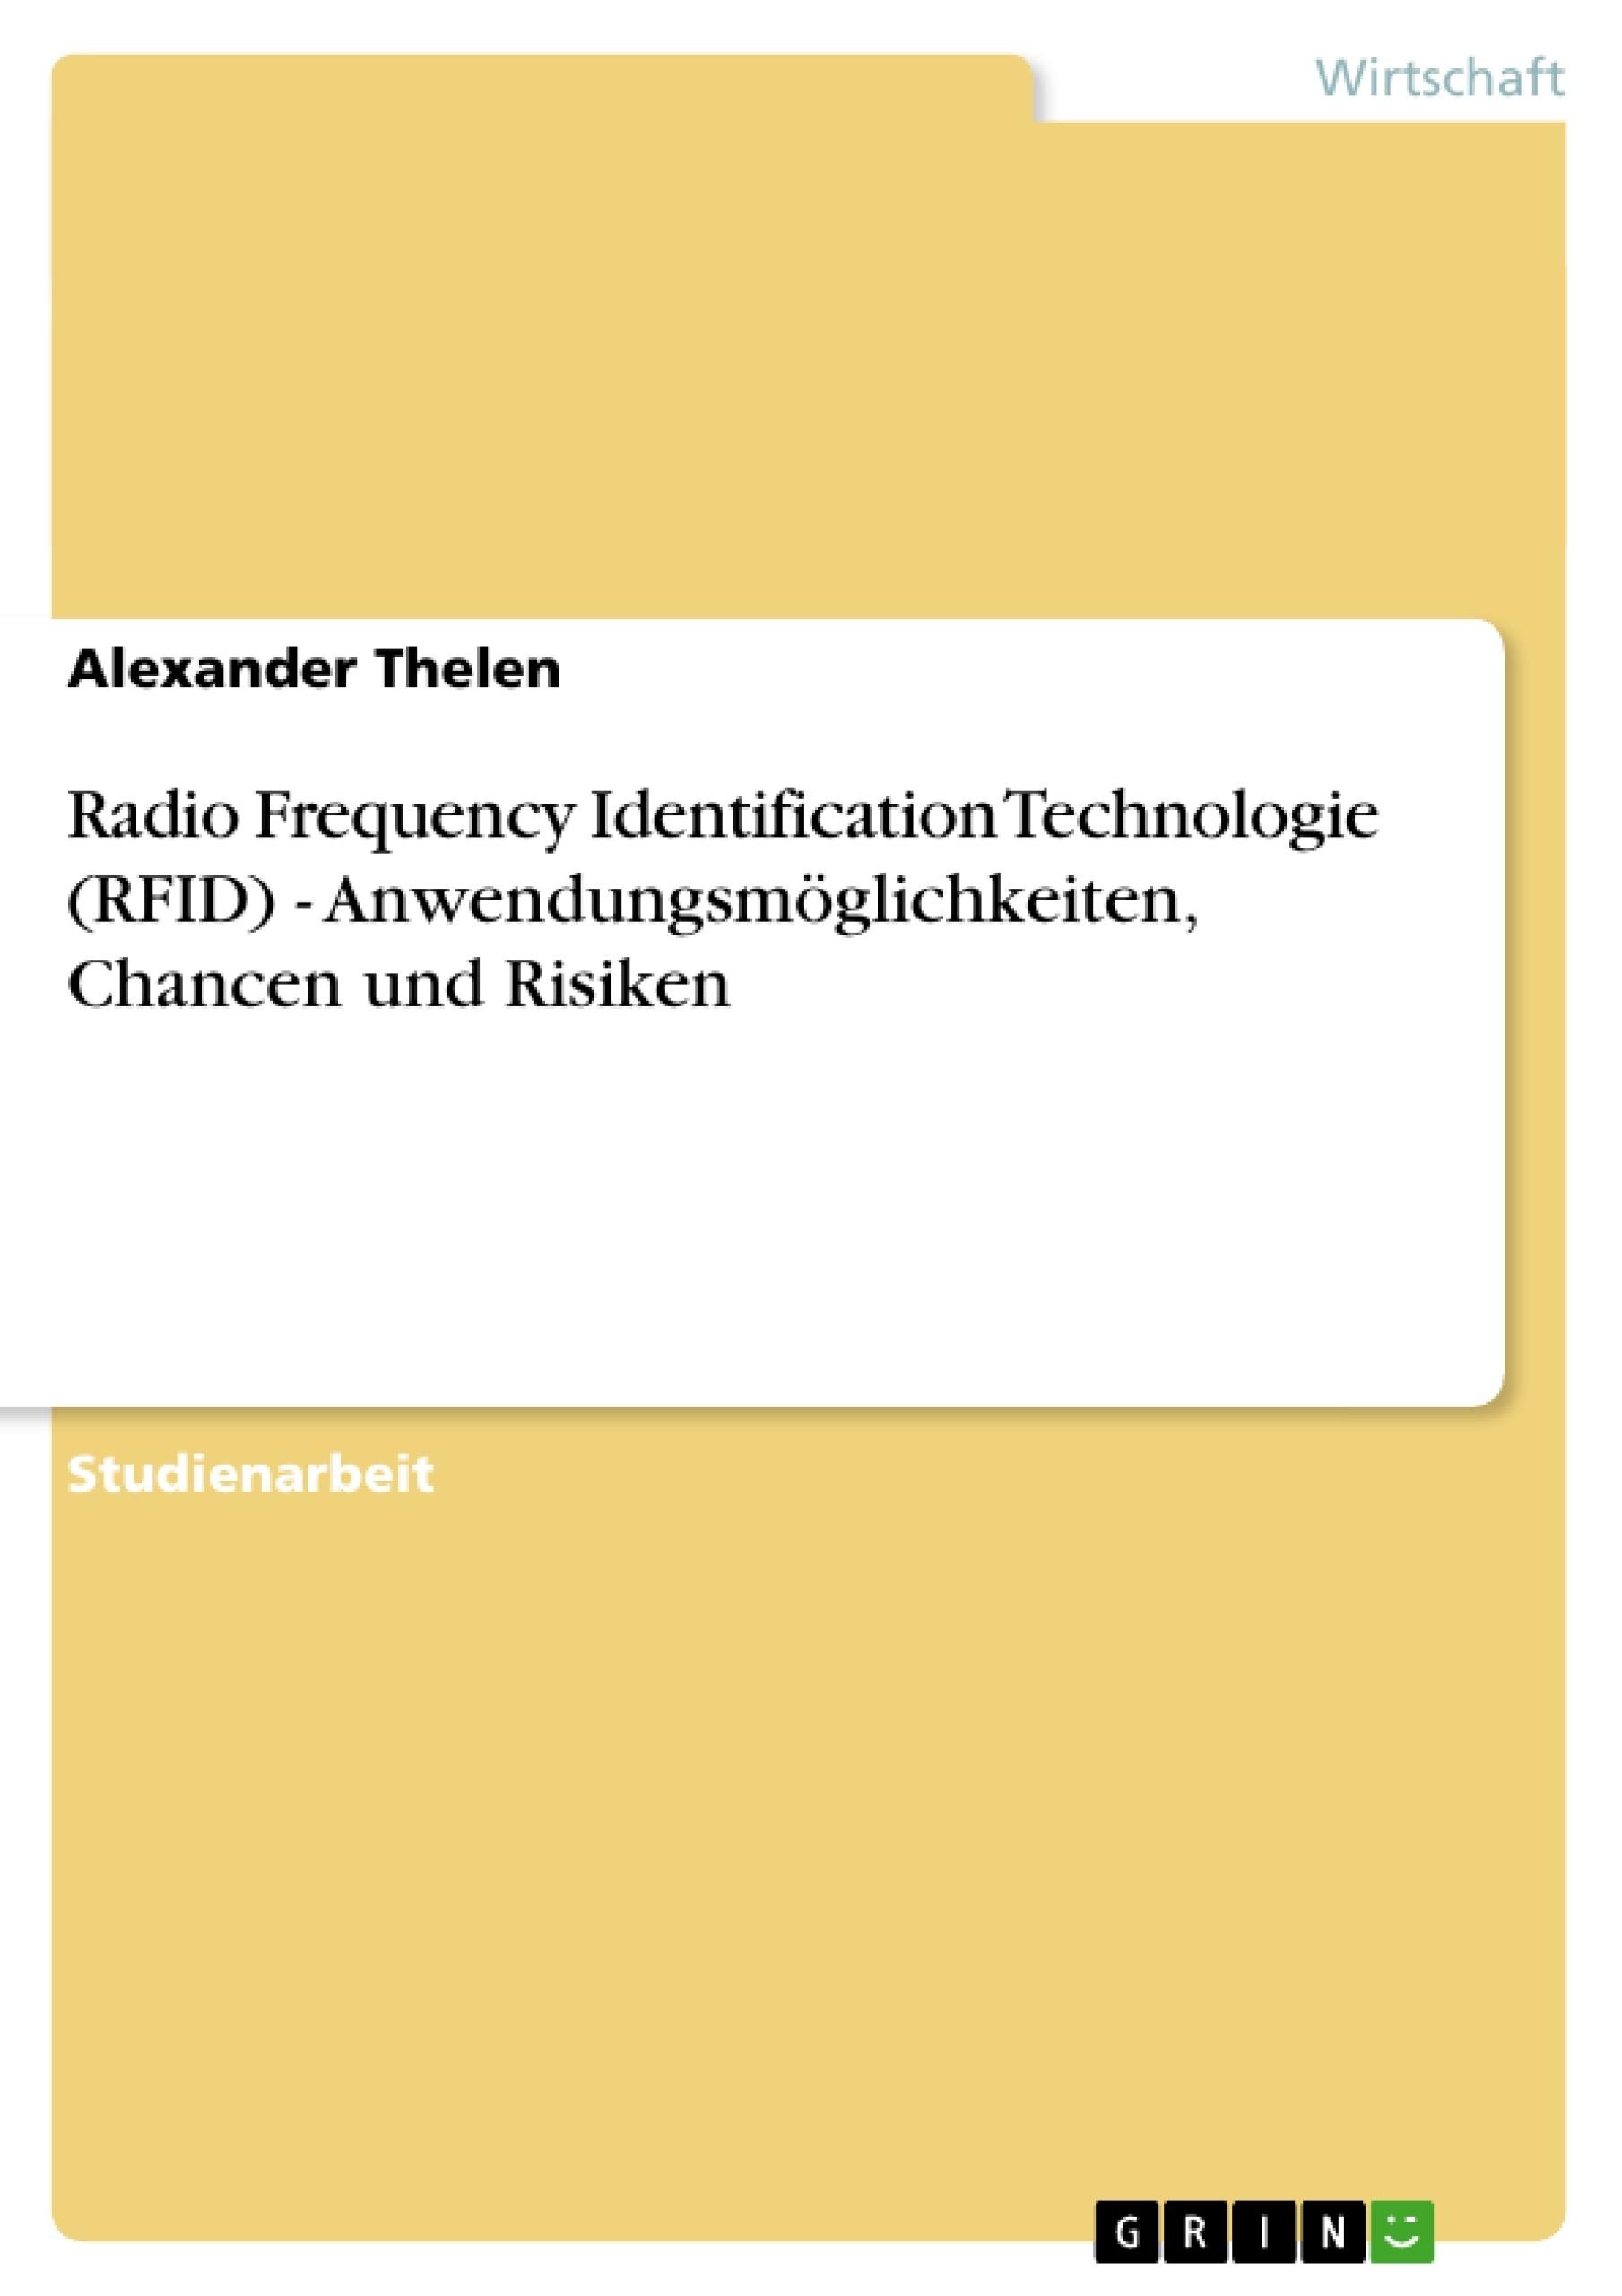 Titel: Radio Frequency Identification Technologie (RFID) - Anwendungsmöglichkeiten, Chancen und Risiken